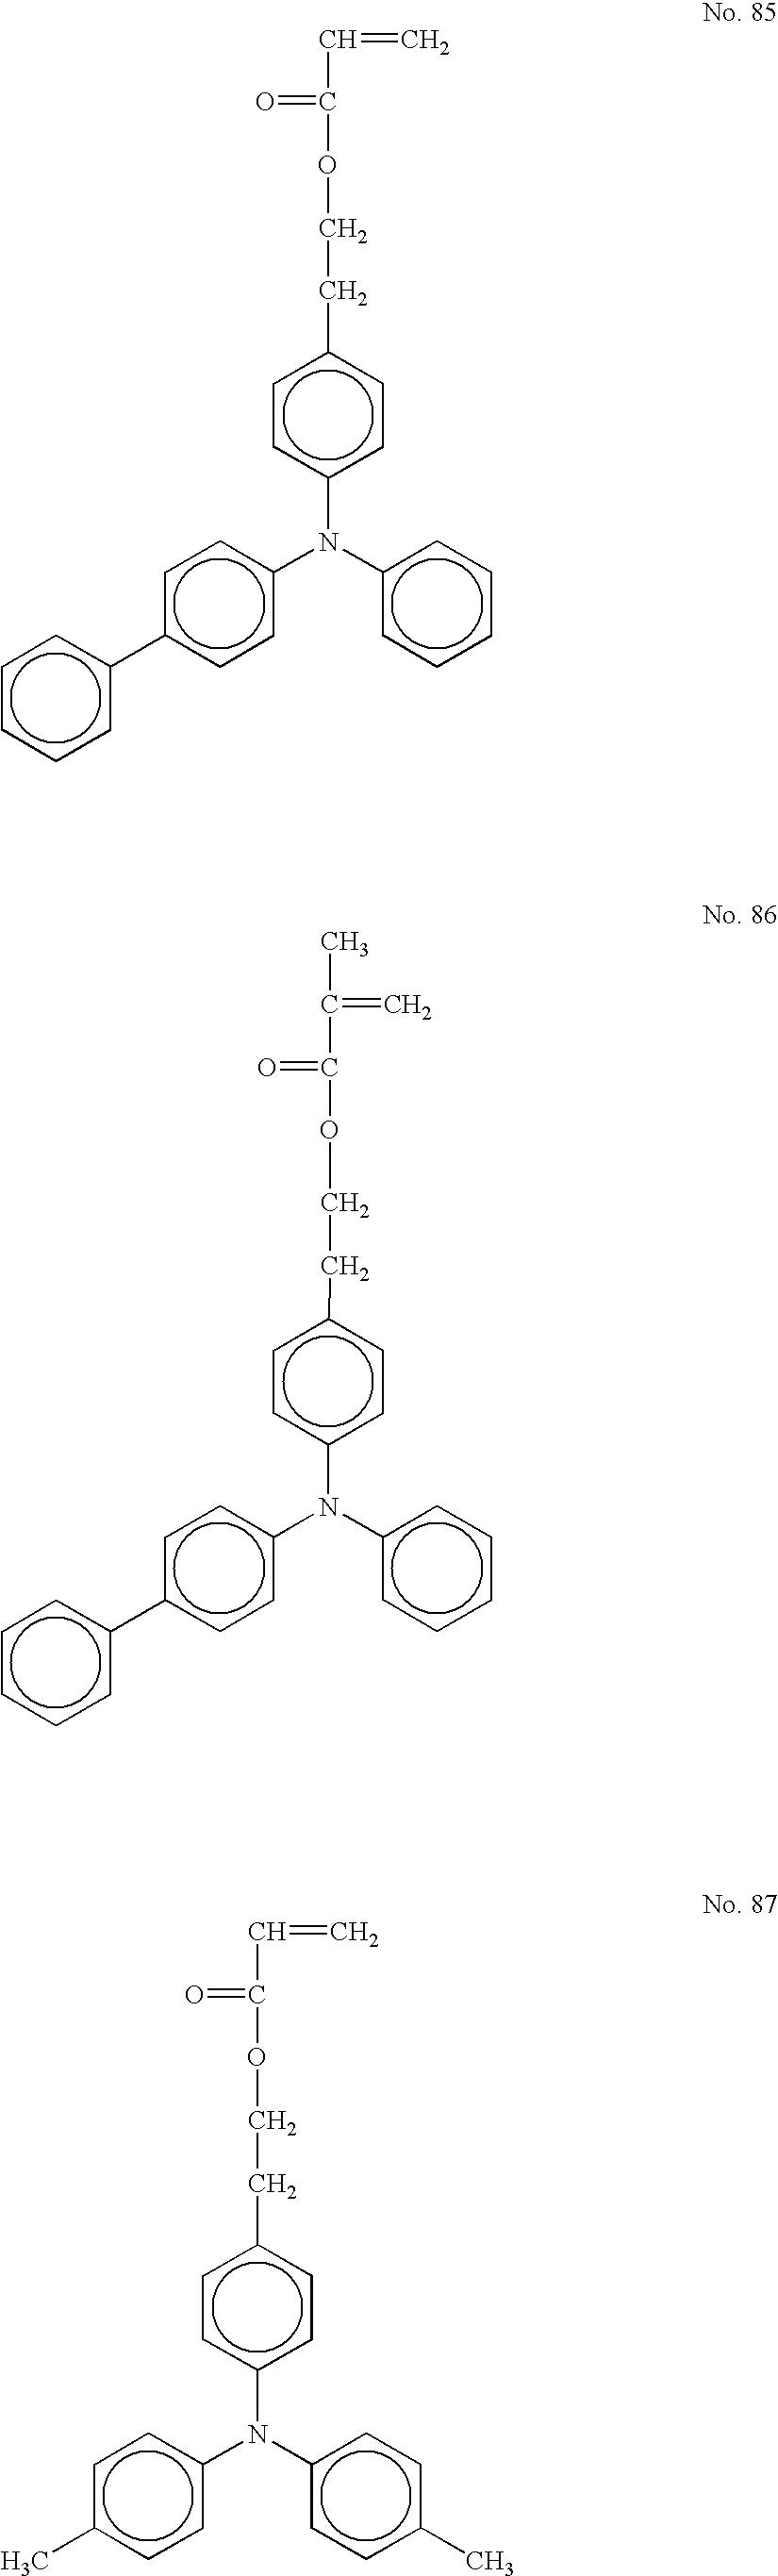 Figure US20040253527A1-20041216-C00040